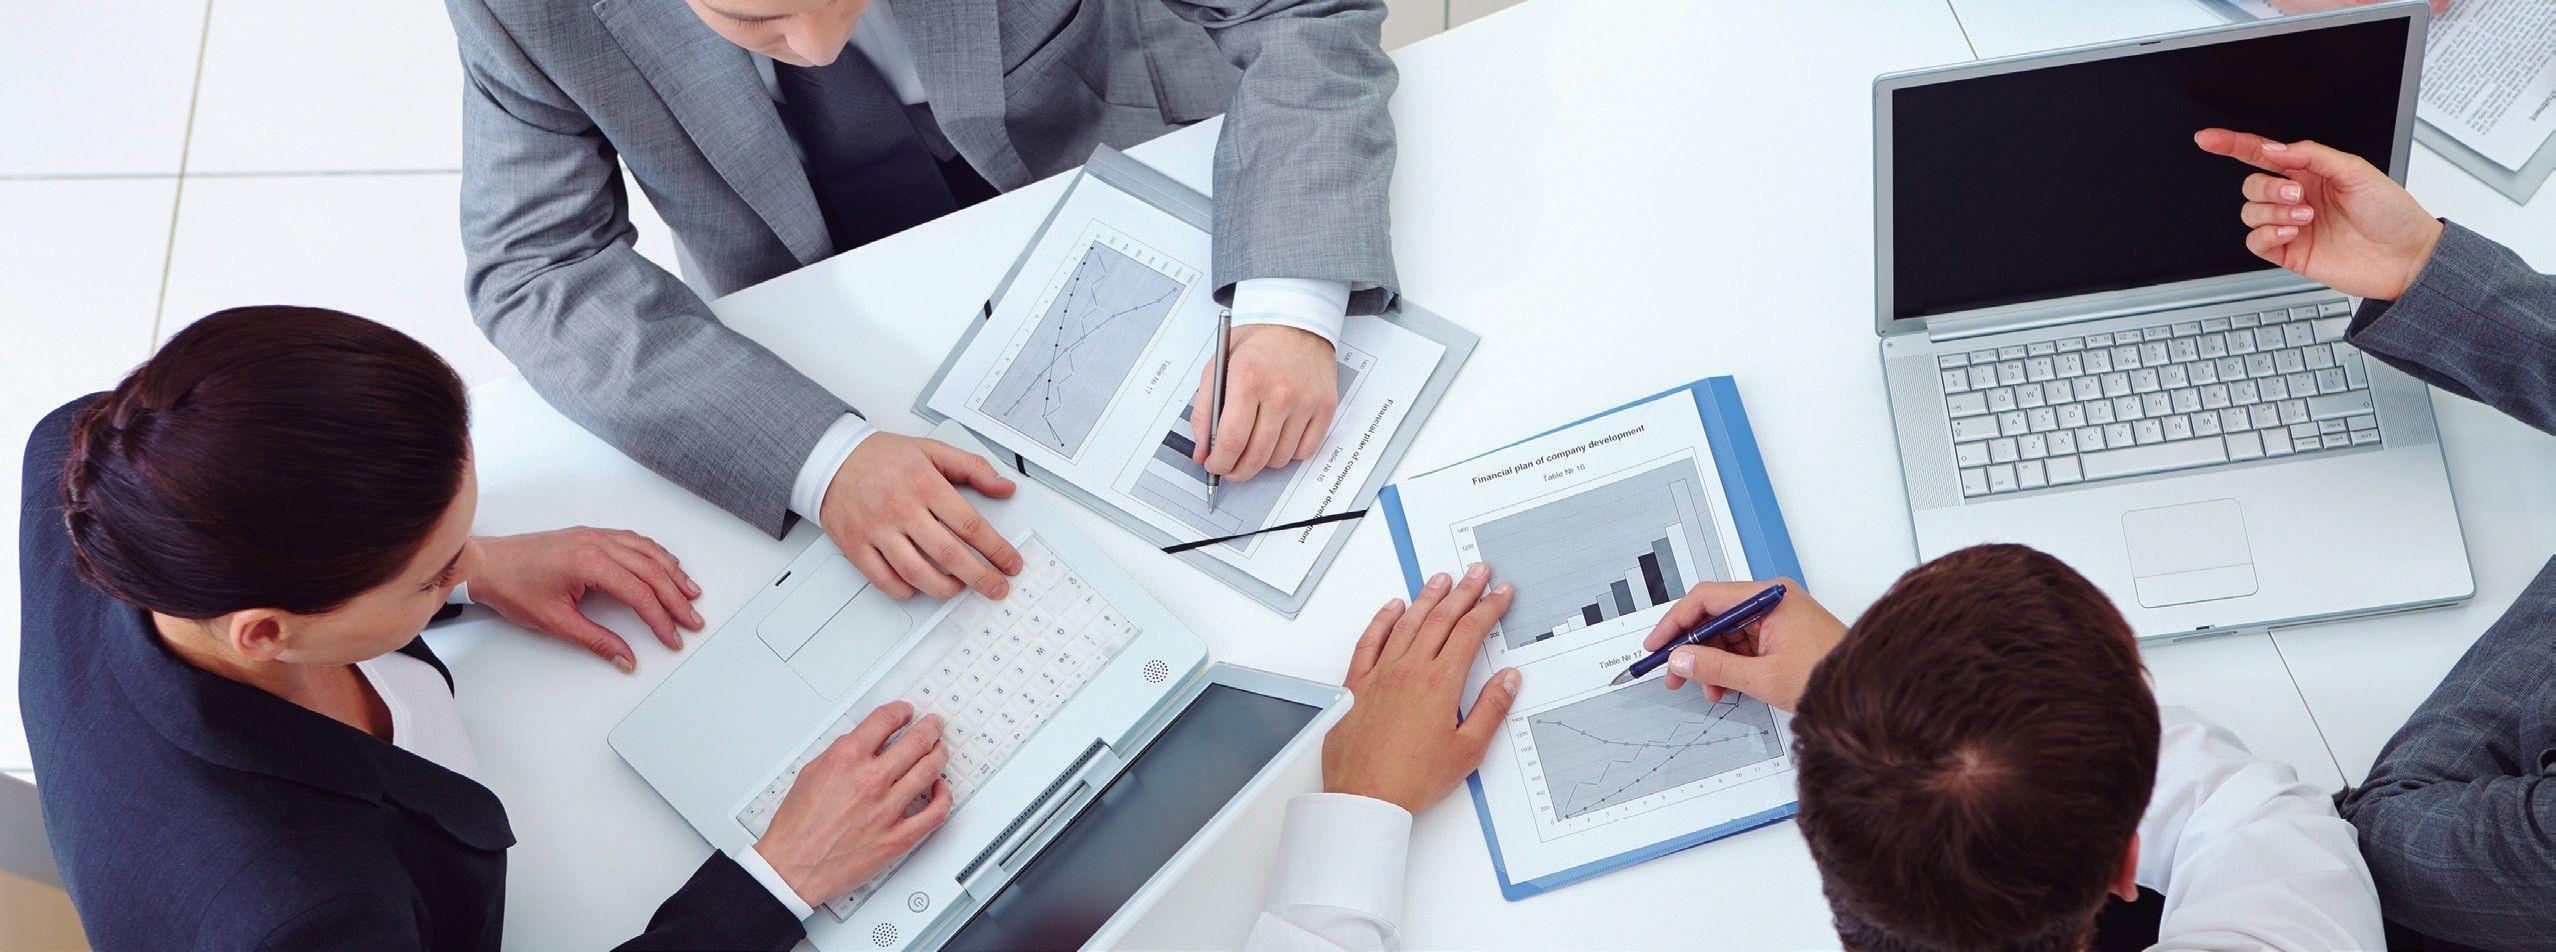 Gestión de riesgos empresariales: Una necesidad actual